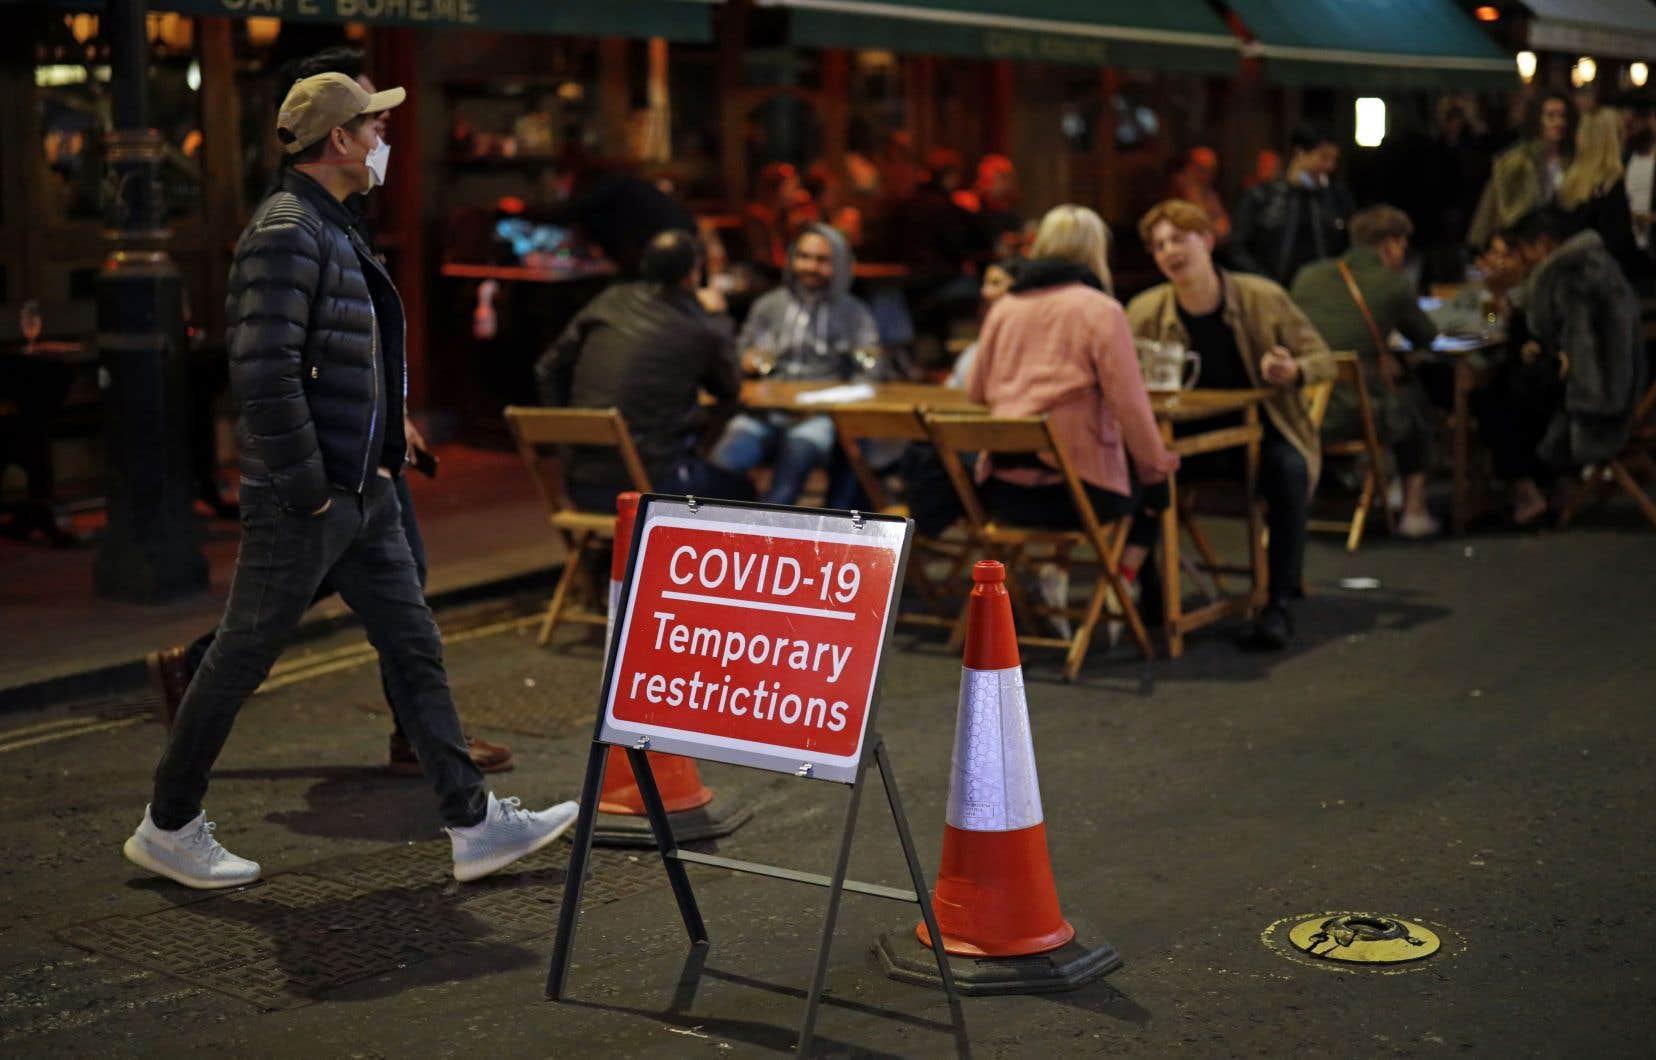 De nouvelles restrictions ont été introduites ces dernières semaines en Grande-Bretagne en raison de l'augmentation du nombre de personnes infectées.